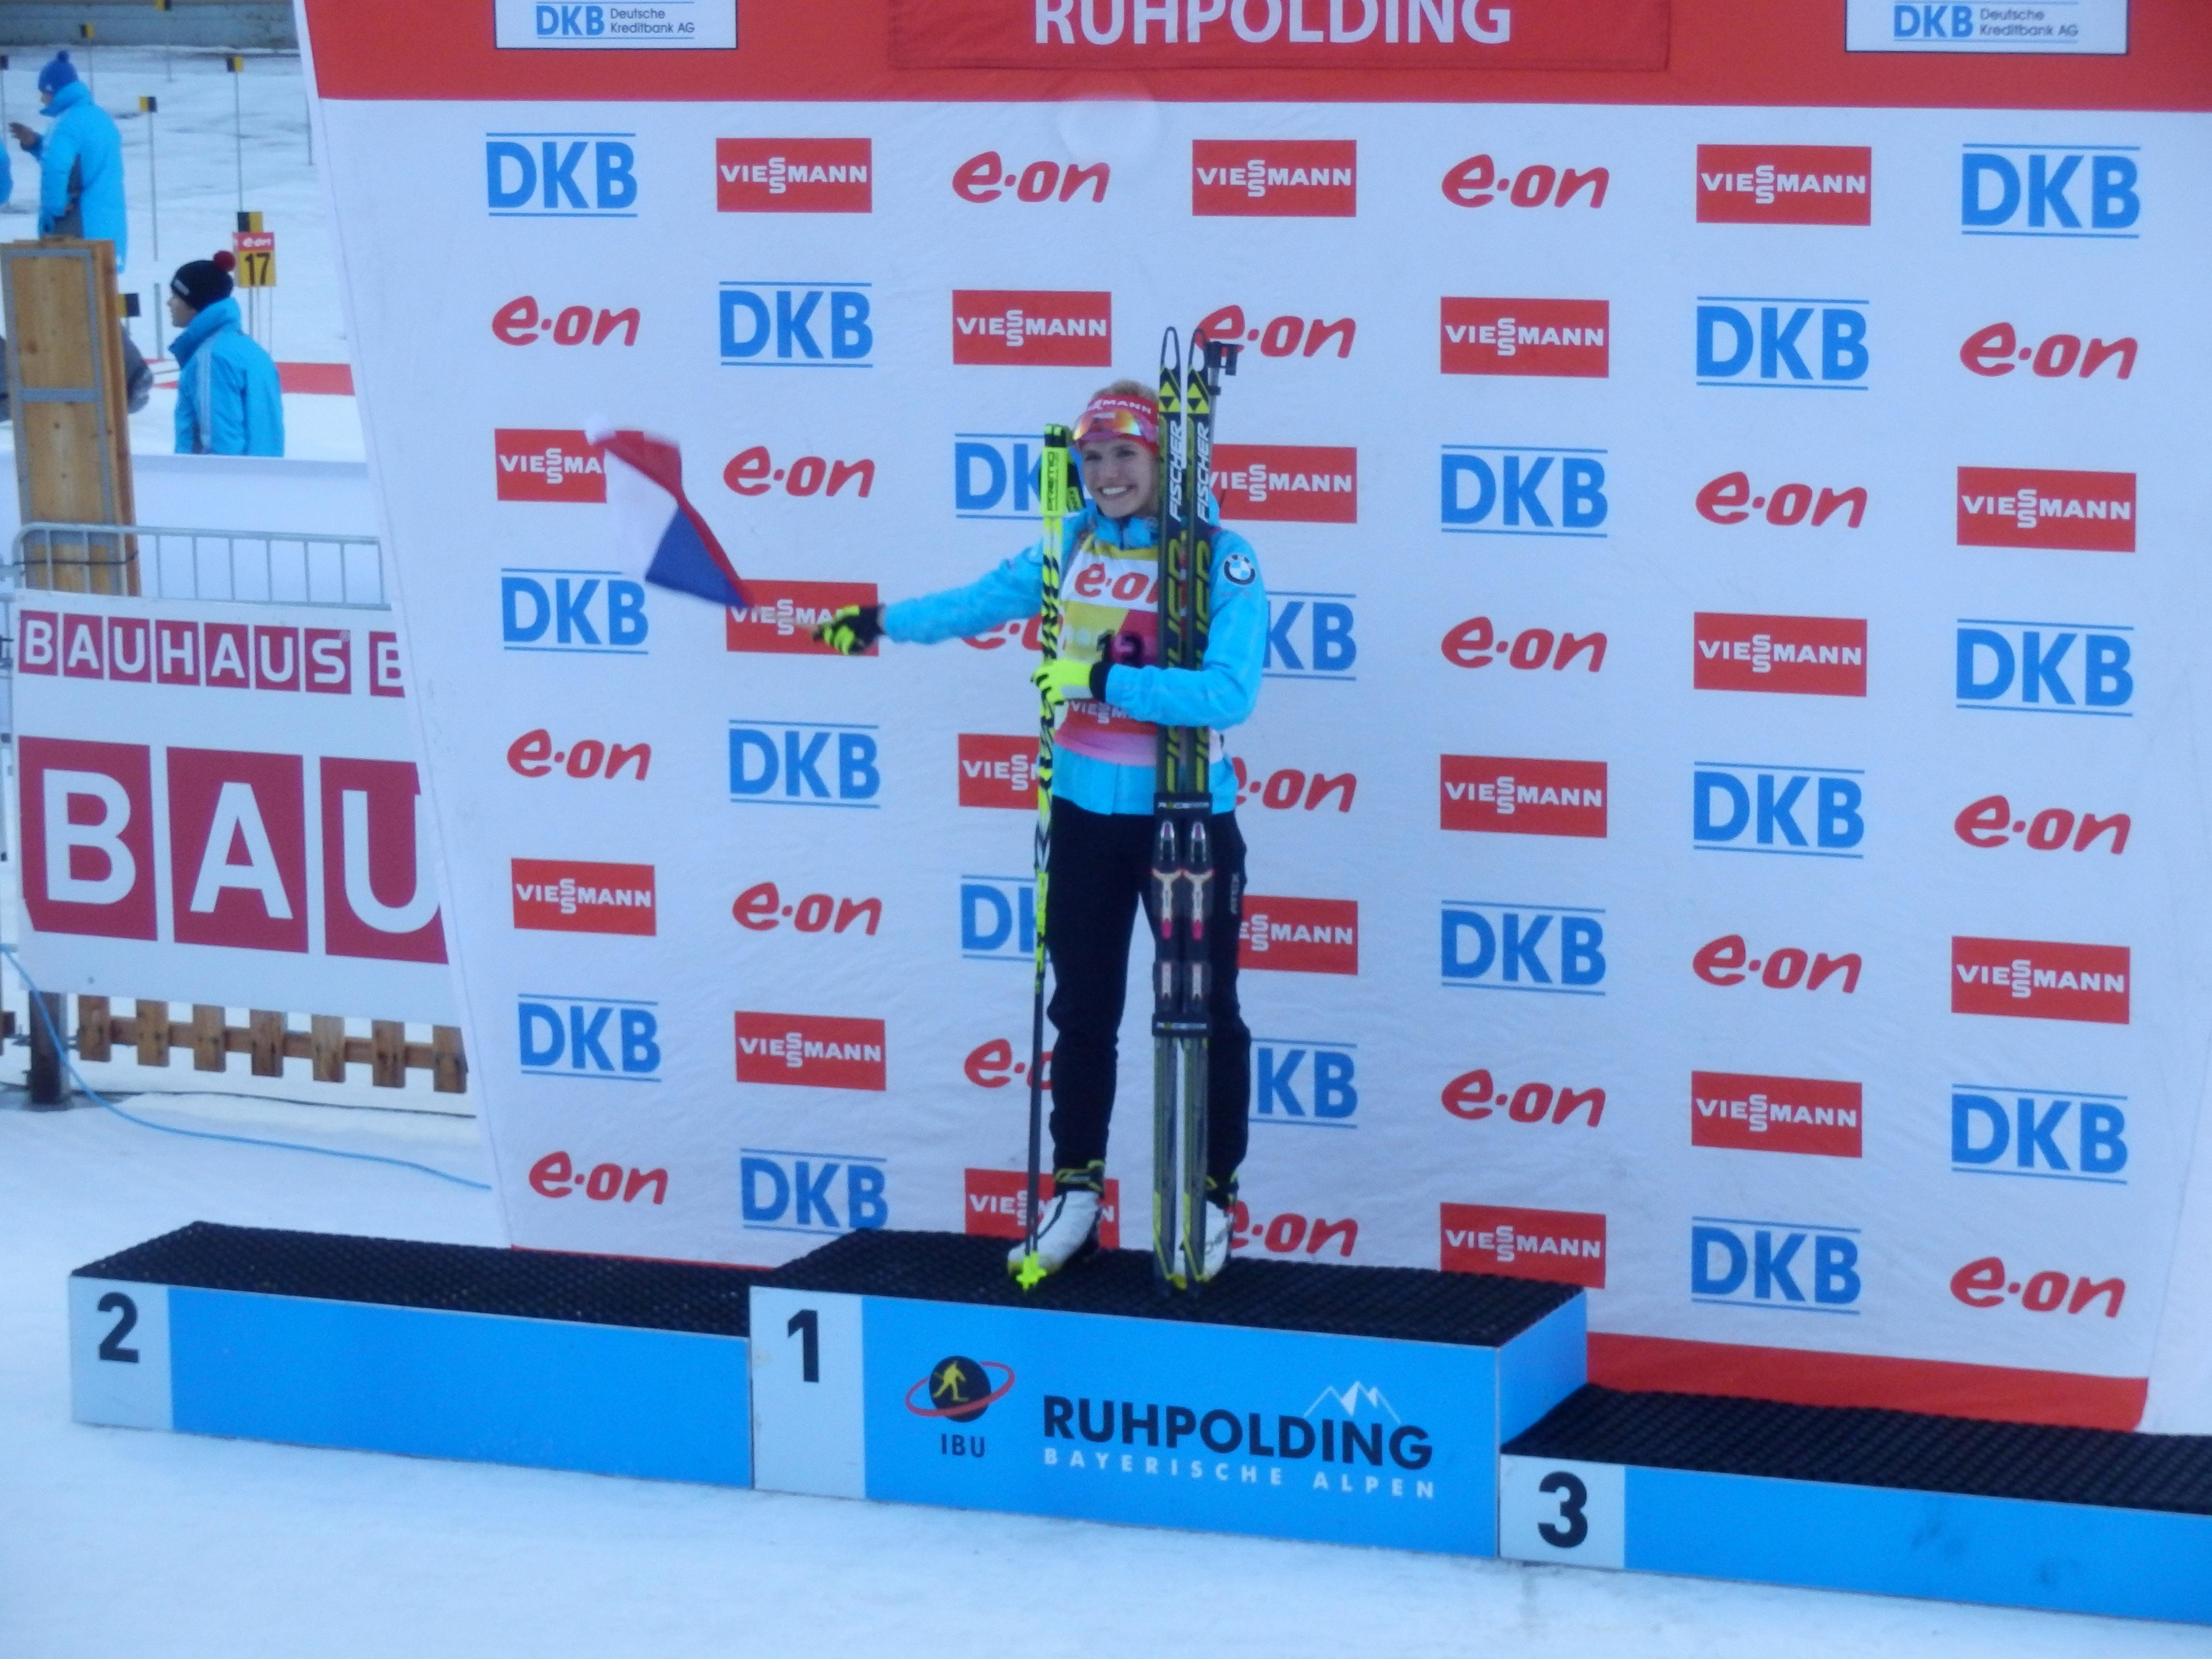 Pódiové umiestnenia v biatlonovej sezóne 2013/2014